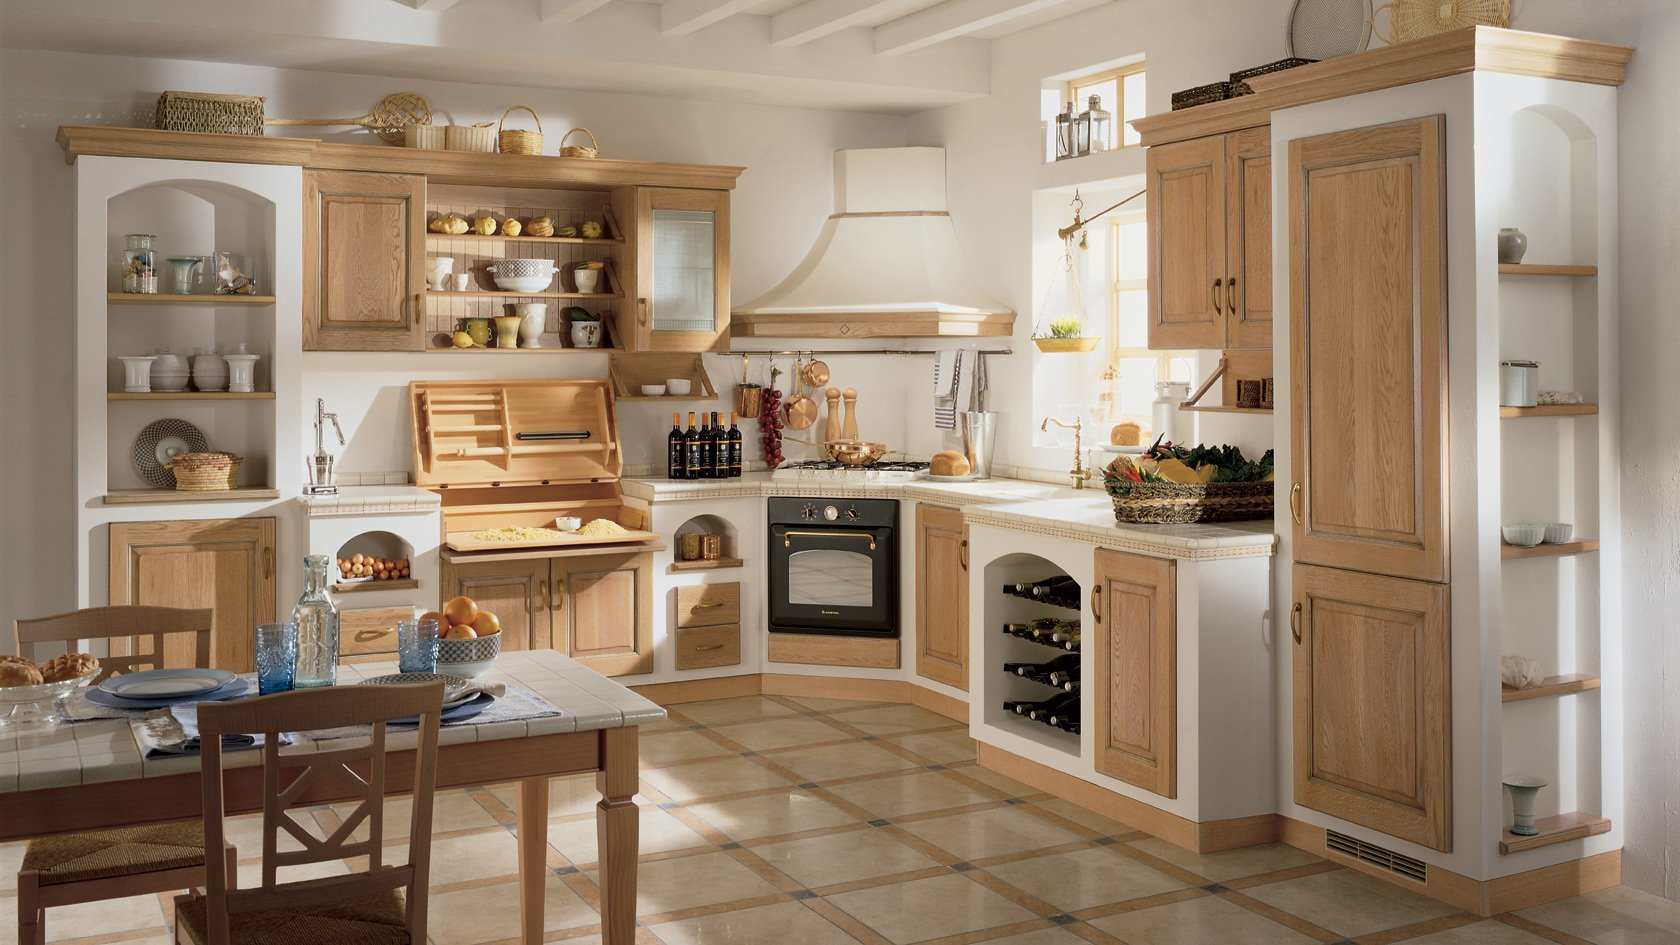 Le piu belle cucine in muratura moderne